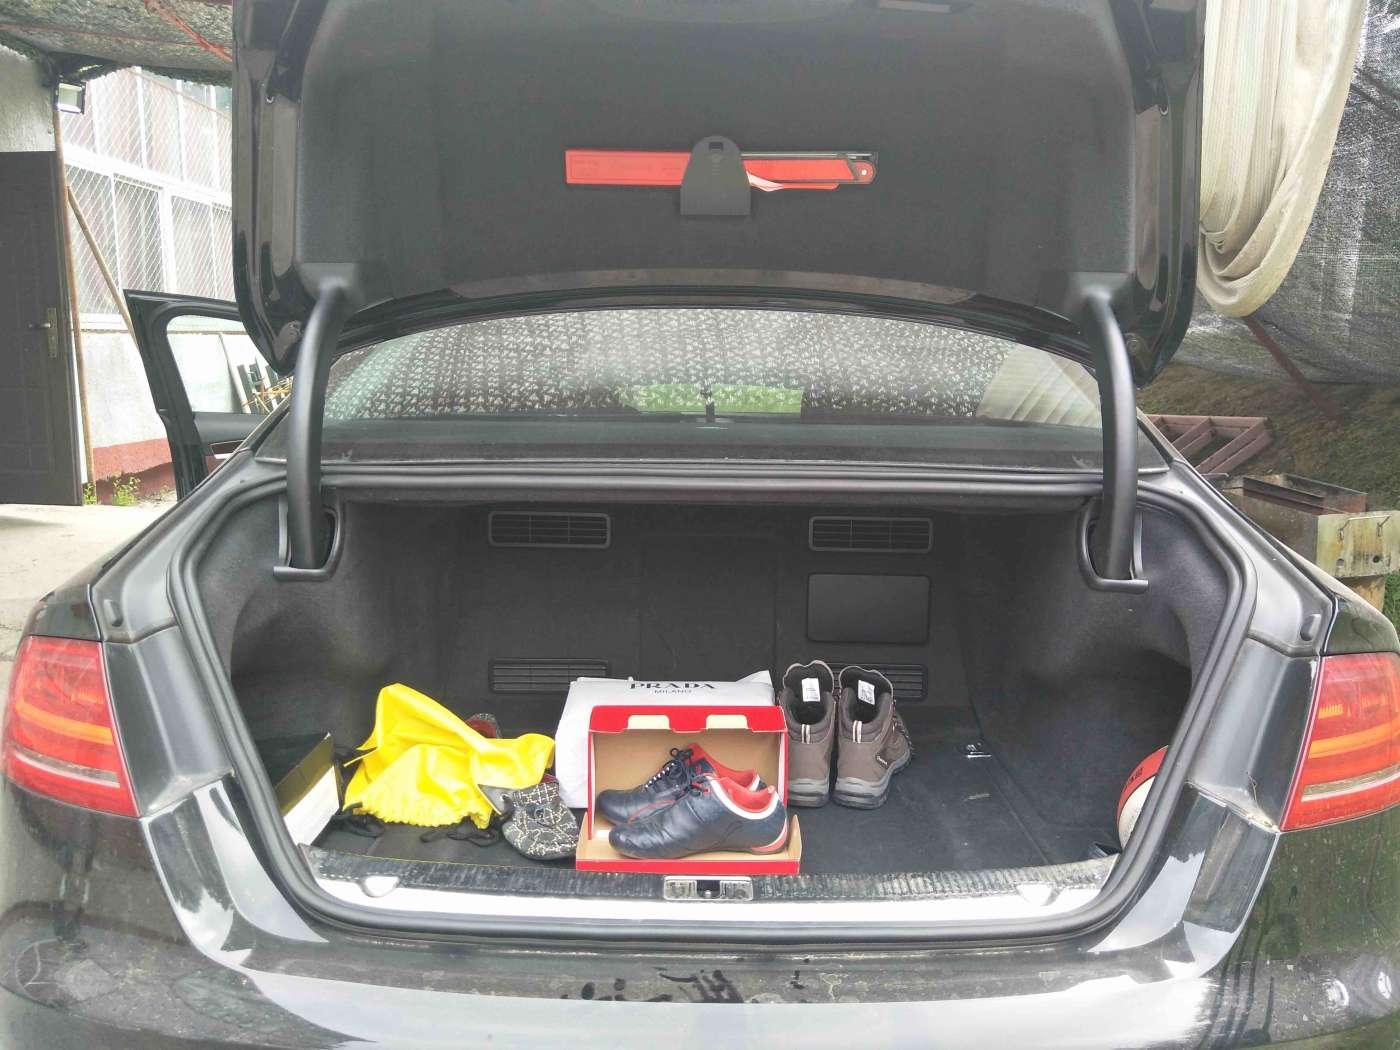 2012年09月 奥迪A8 2012款 A8L 45 TFSI quattro豪华型|甄选奥迪-北京卡斯基汽车服务有限公司